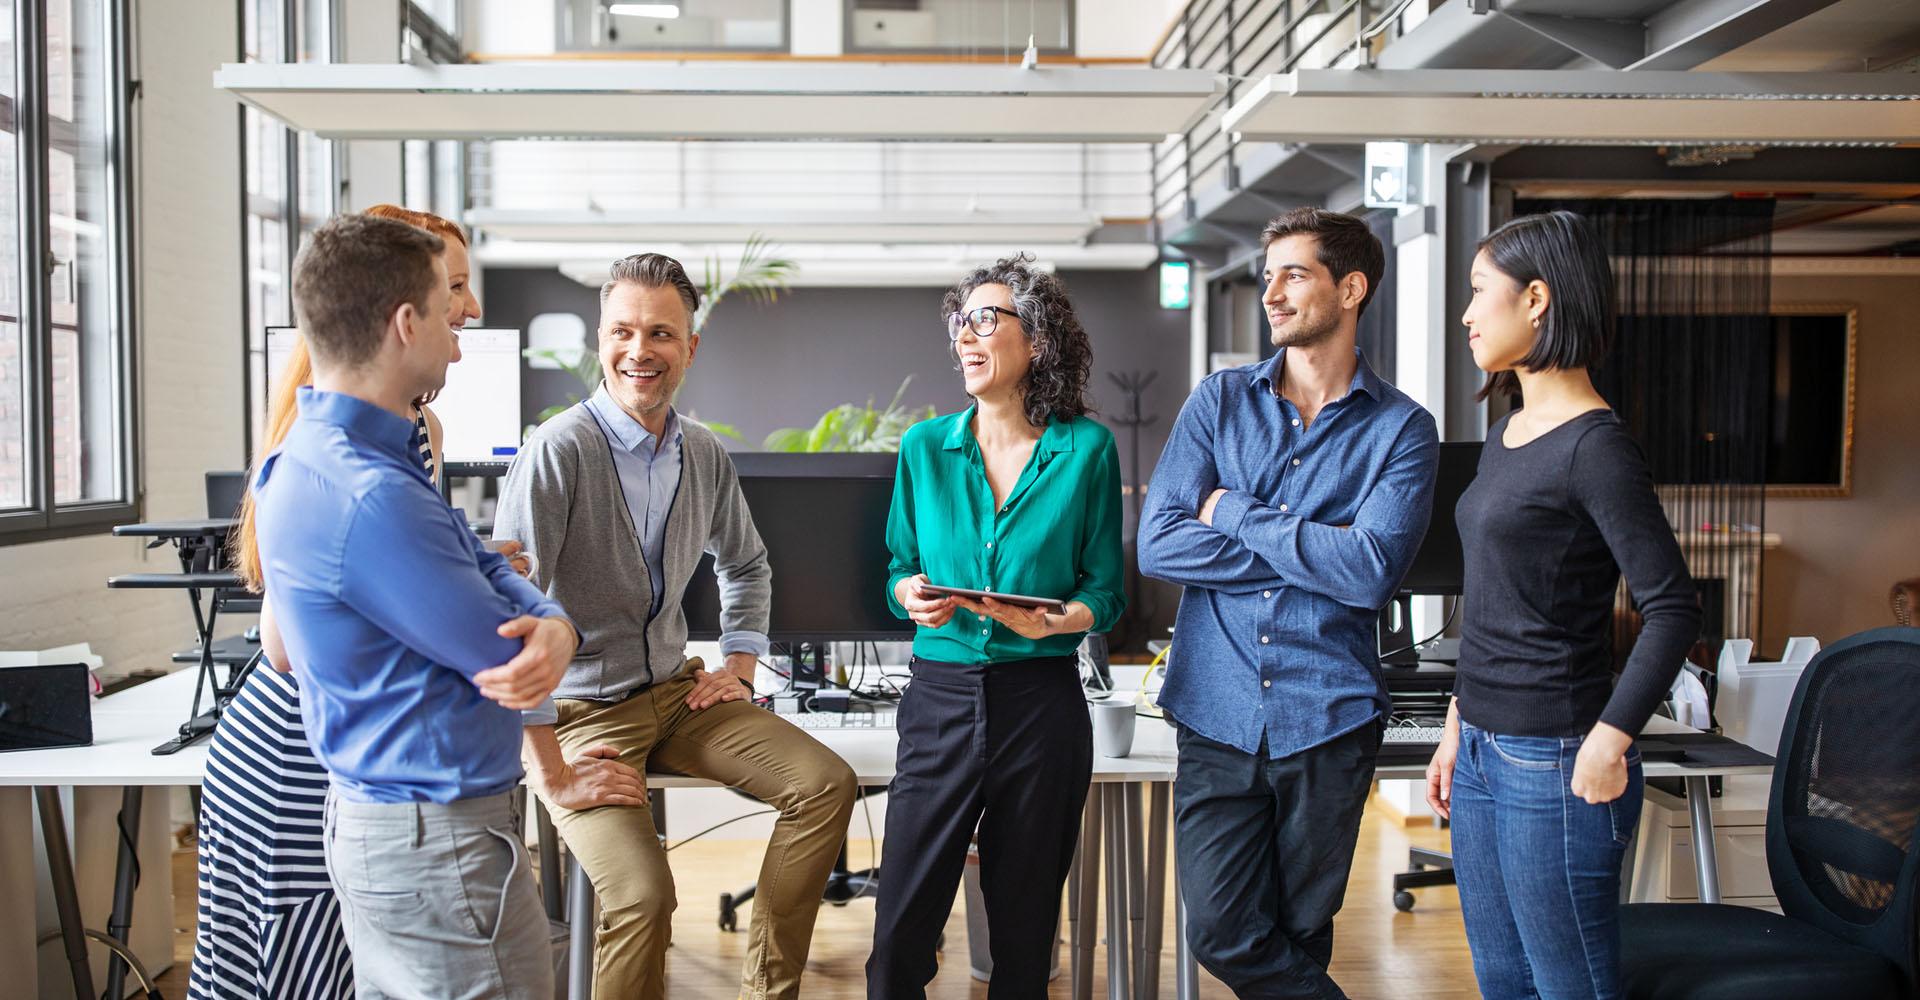 Junge Geschäftsleute diskutieren in einer Firma